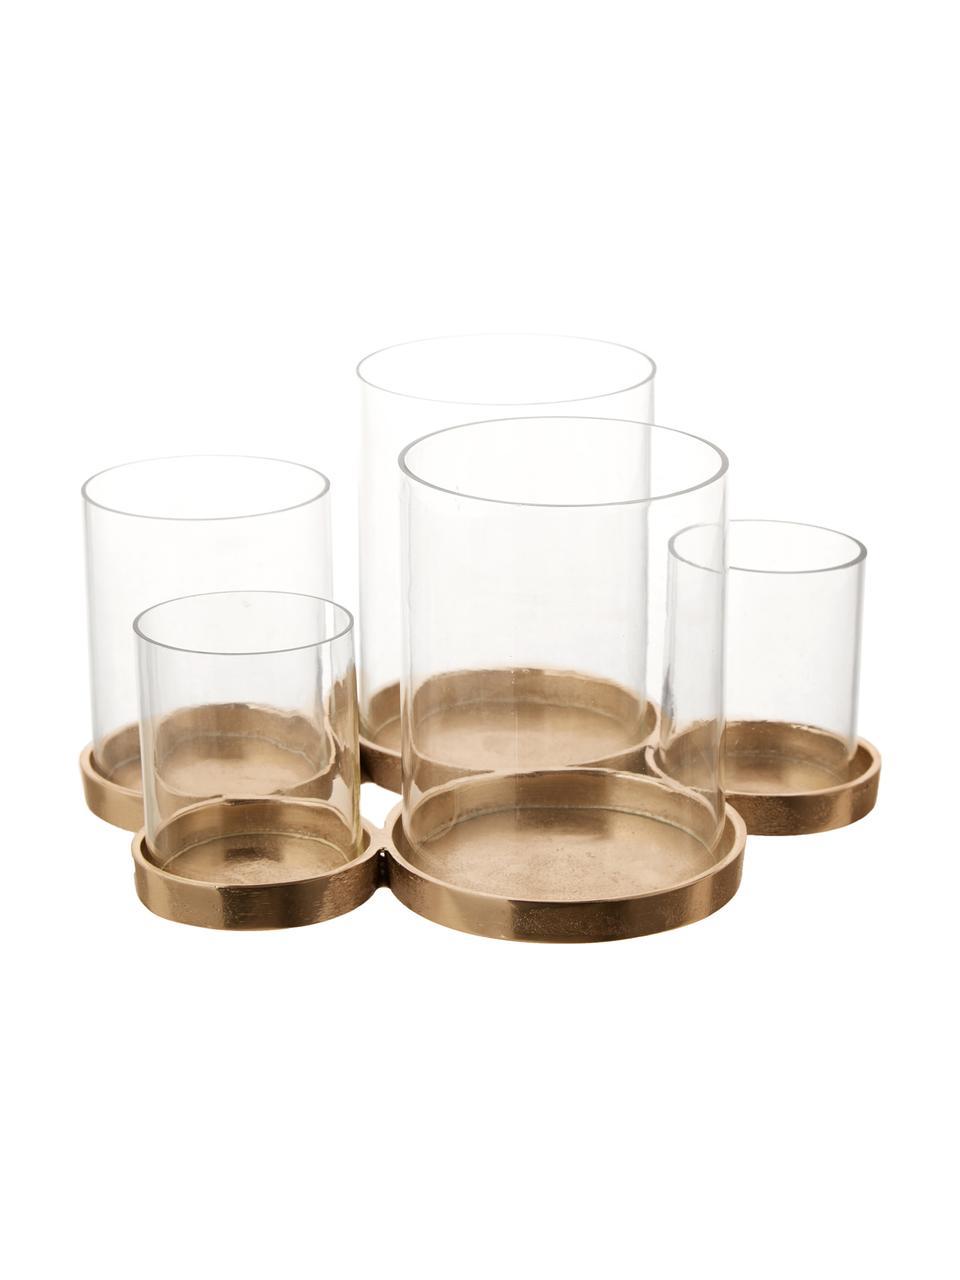 Windlicht Myra, Sockel: Aluminium, beschichtet, Windlicht: Glas, Champagnerfarben, 26 x 14 cm